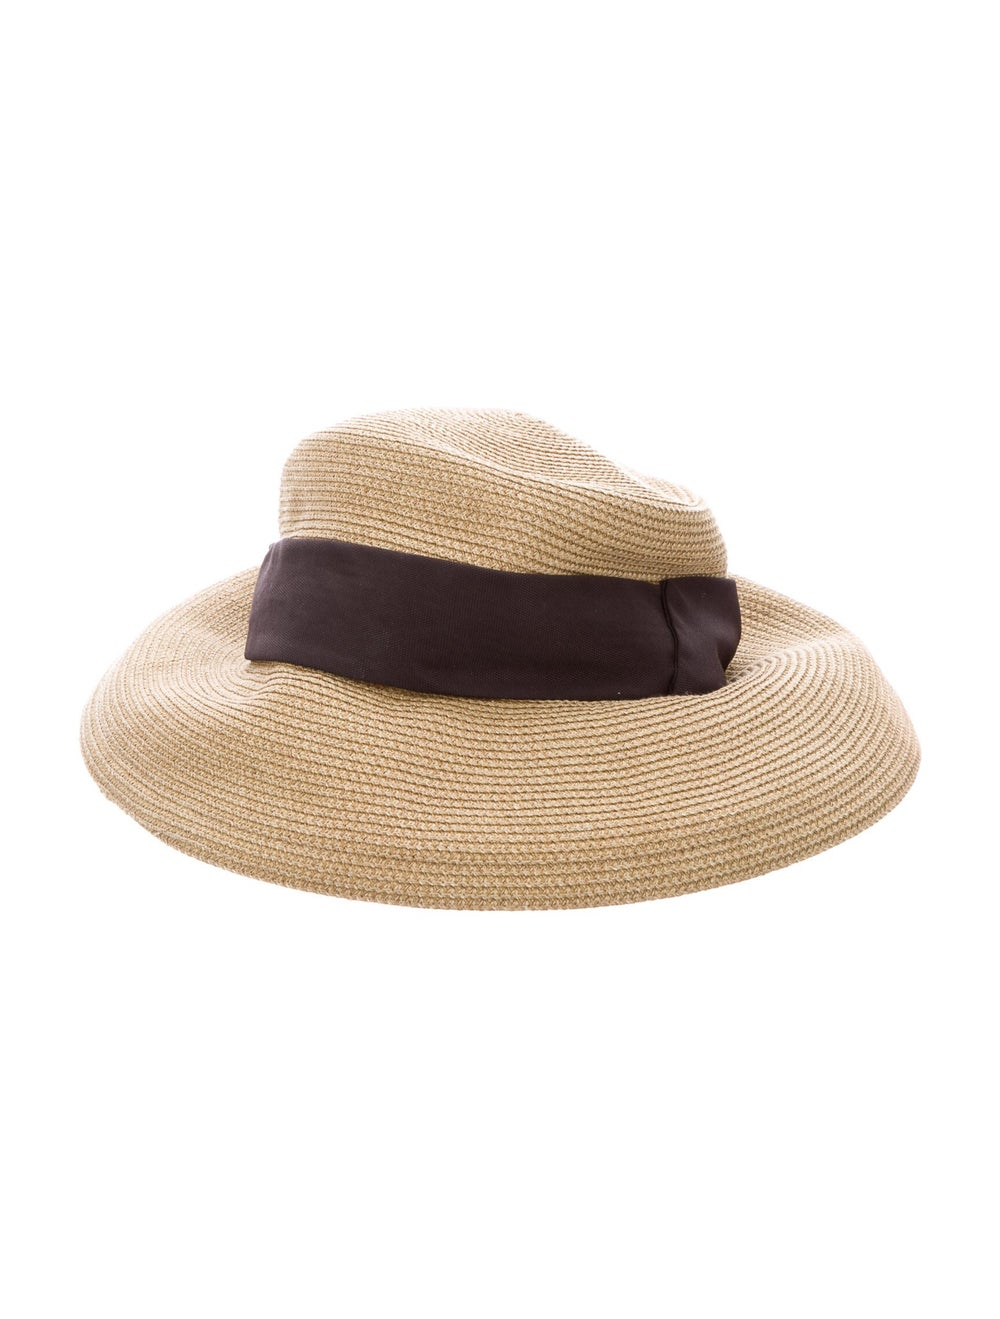 Eric Javits Straw Wide Brim Hat Tan - image 2